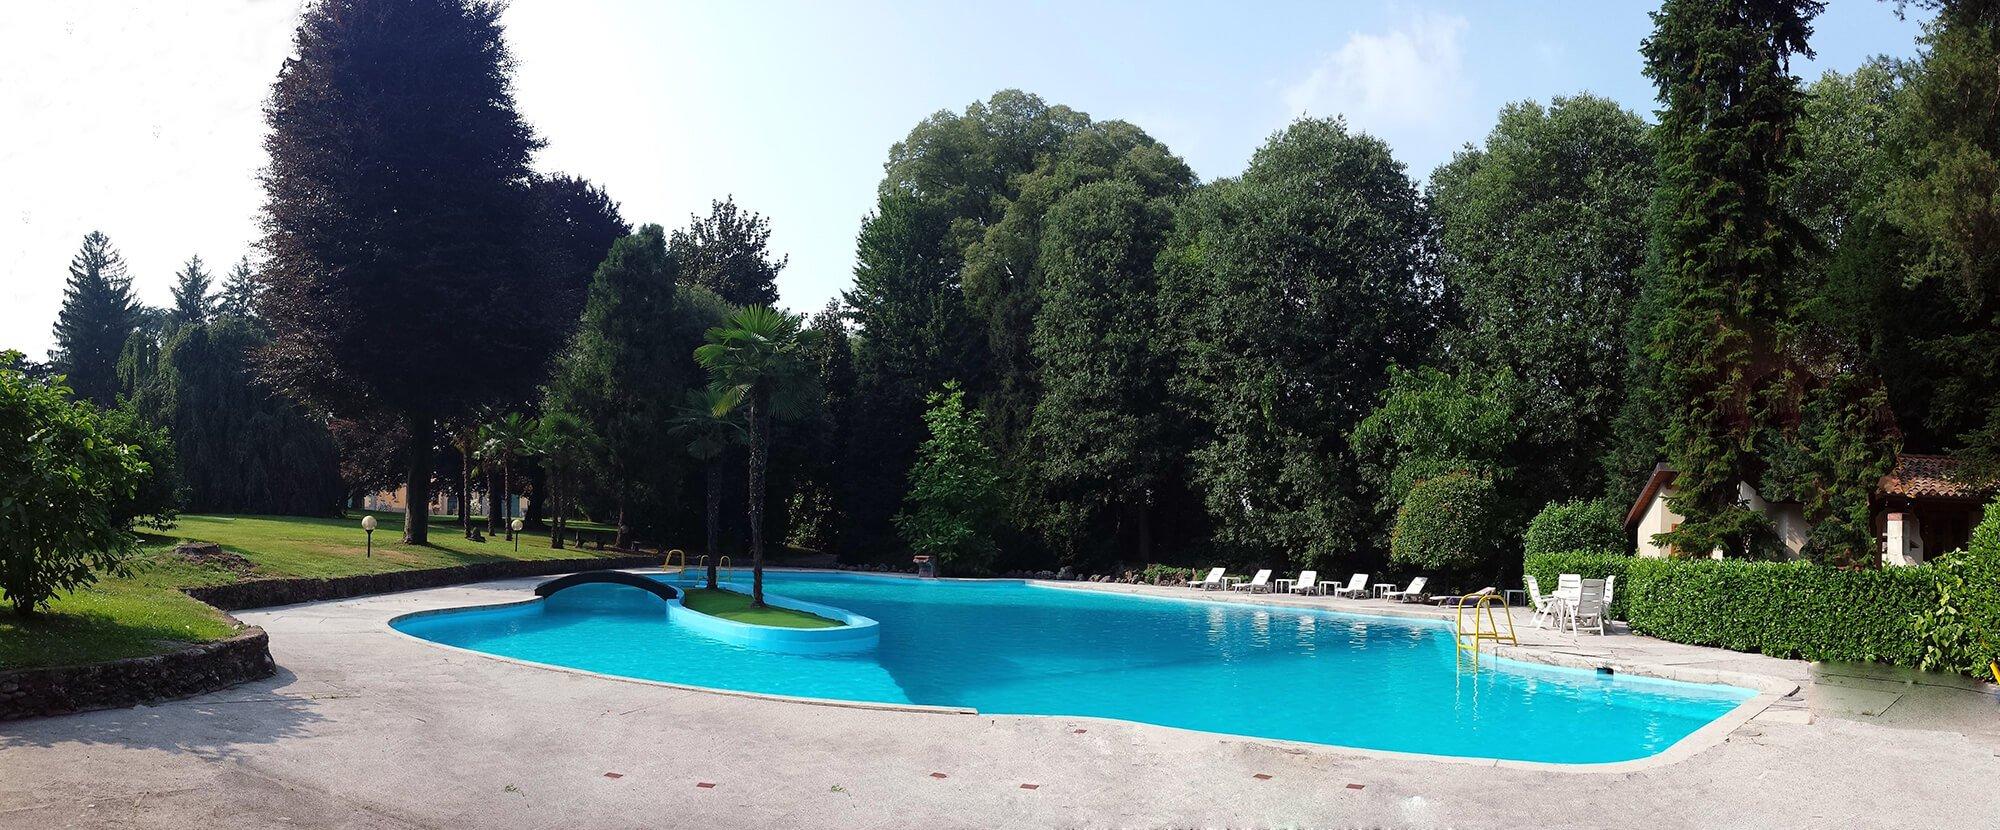 Piscina, Villa Castelbarco, Eventi Aziendali